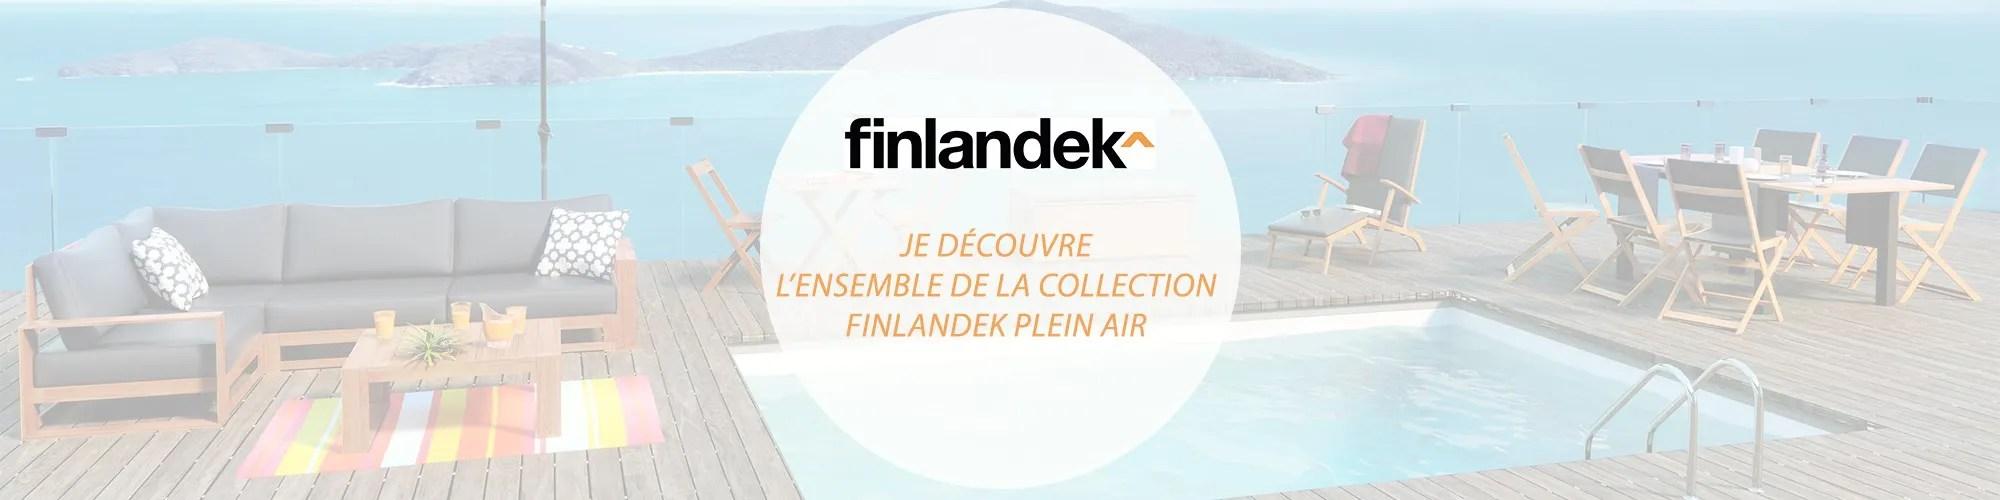 Best Finlandek Avis Salon De Jardin Images - House Design ...